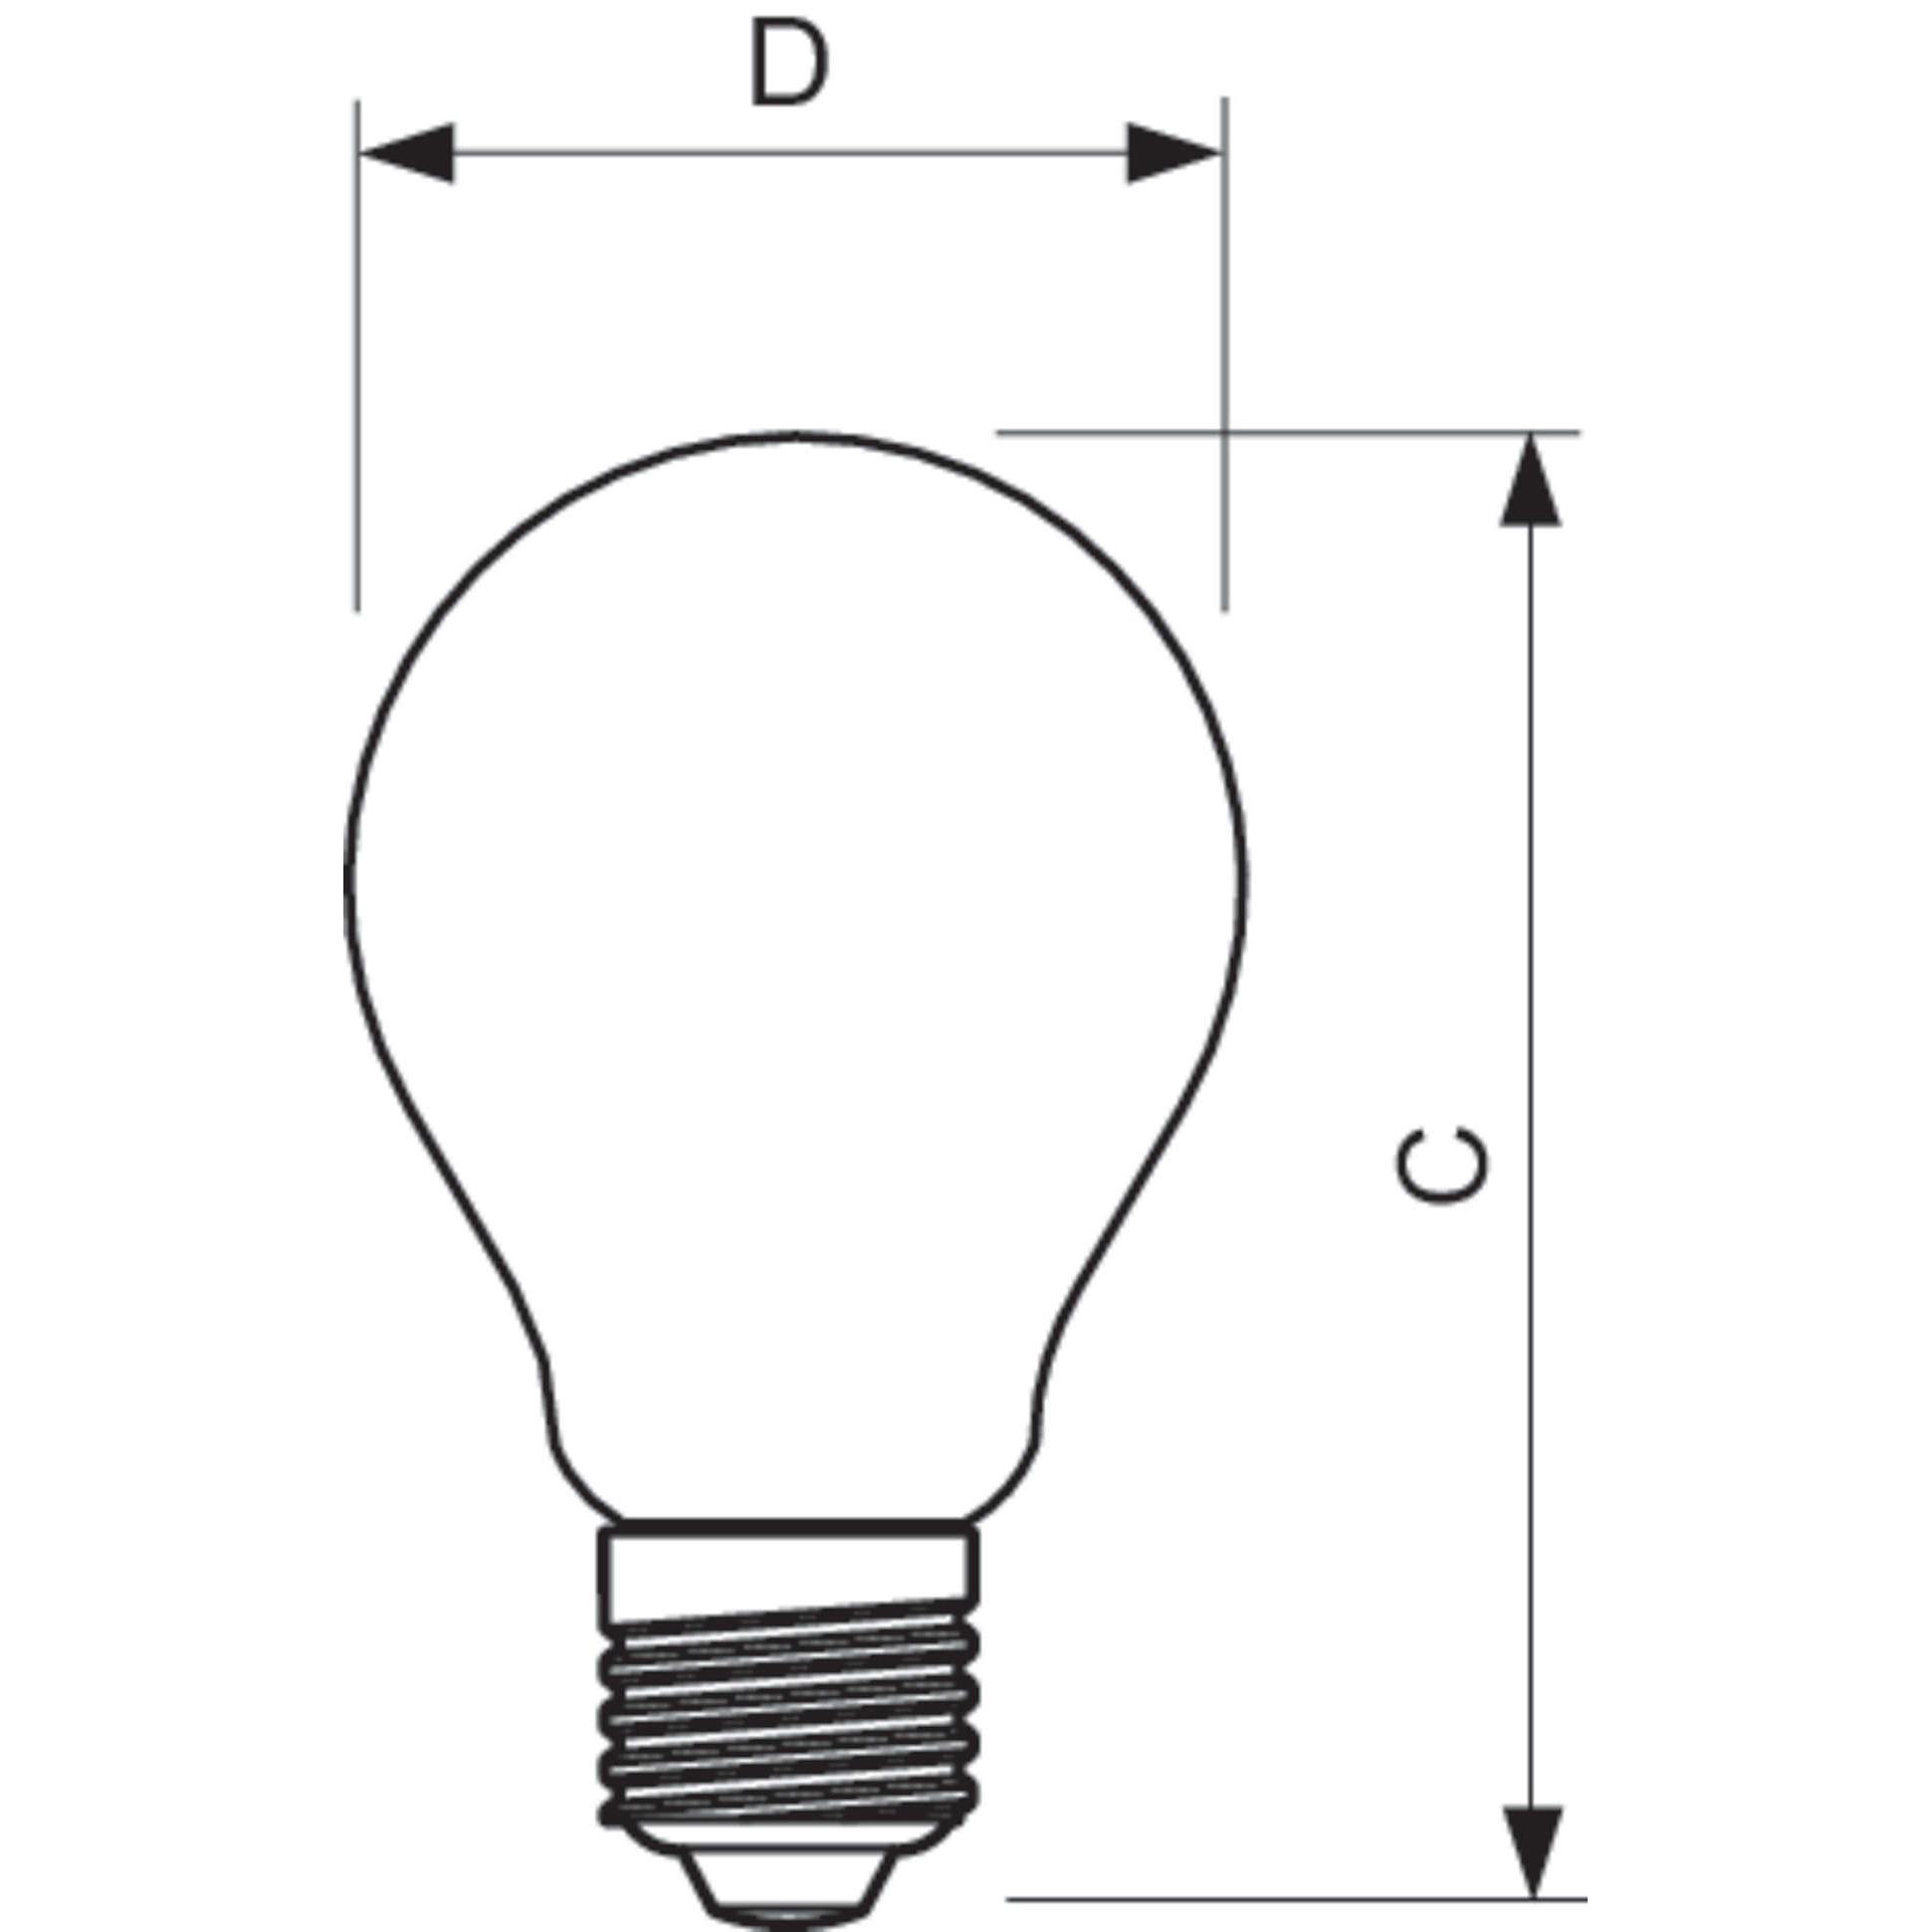 Filament Lamp Symbol Keyframe View With Filament Lamp